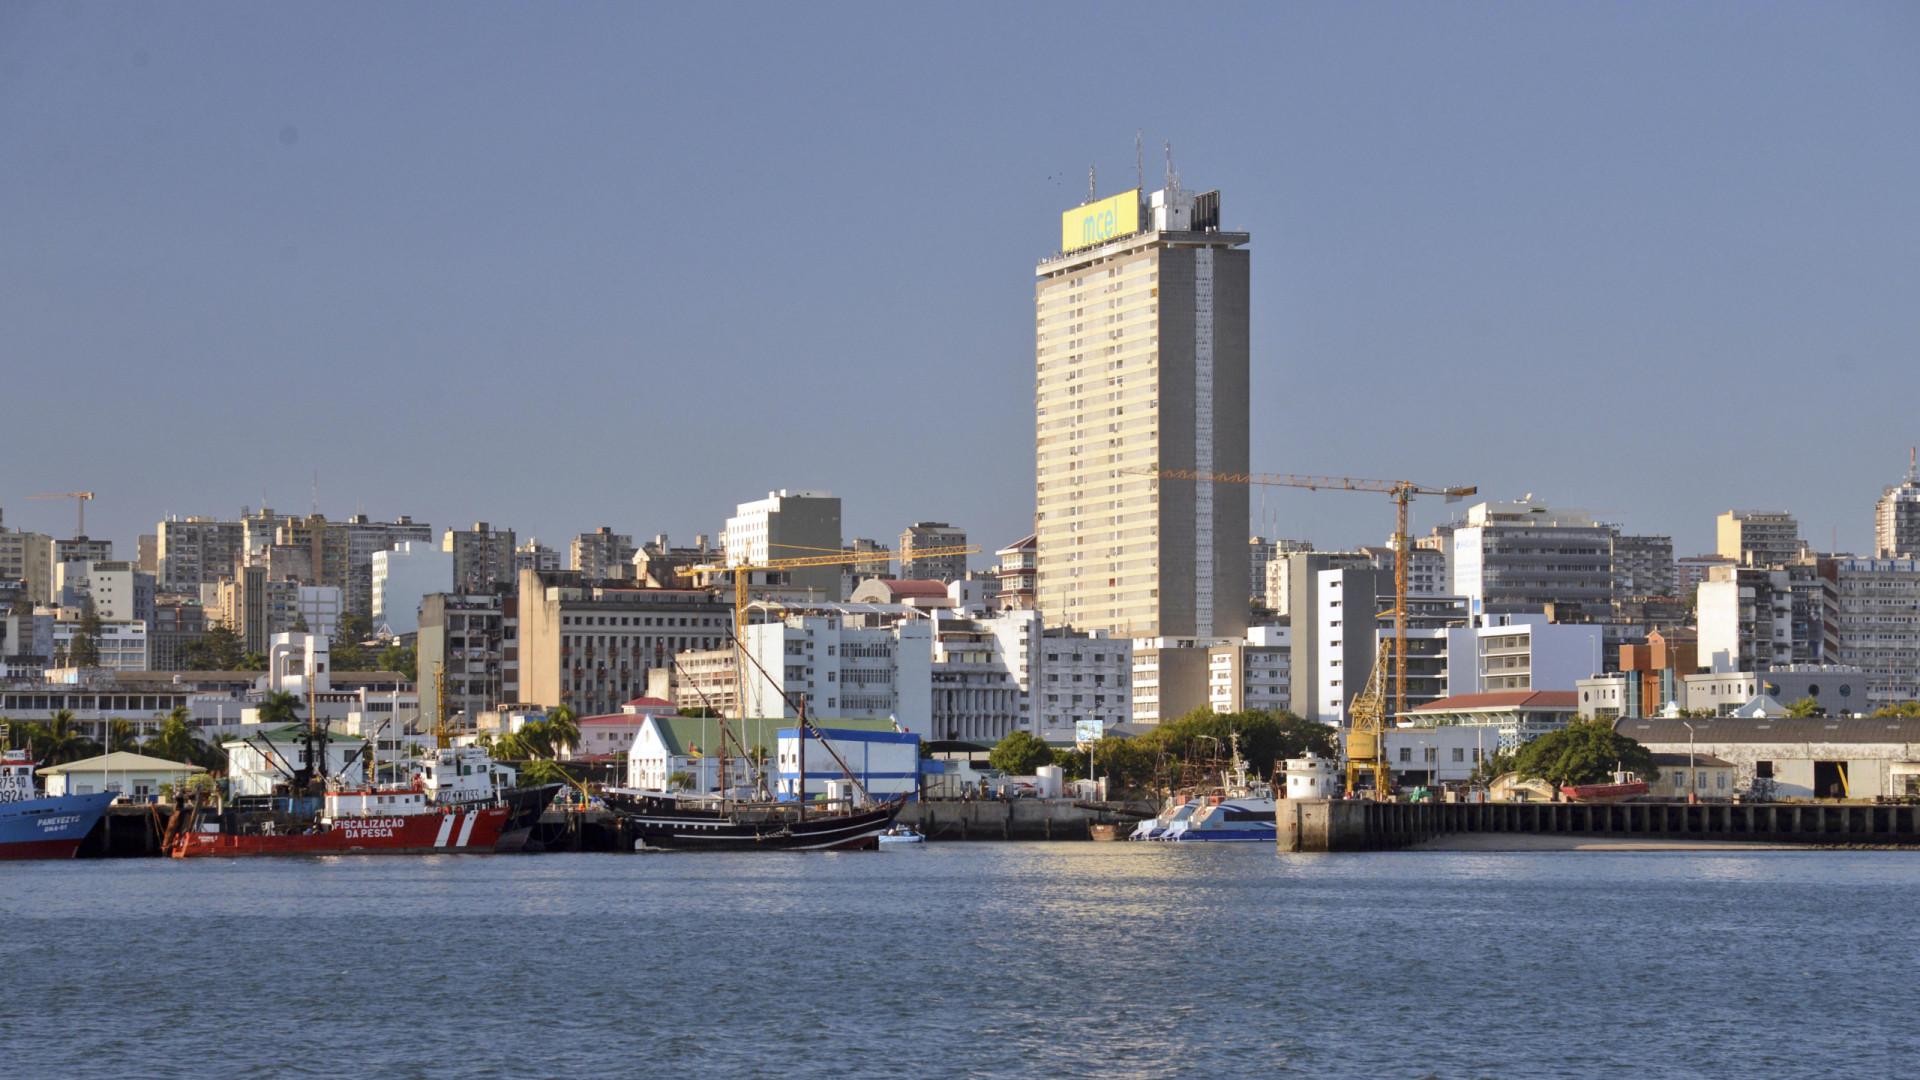 Multas contra o ruído dividem cidade do centro de Moçambique